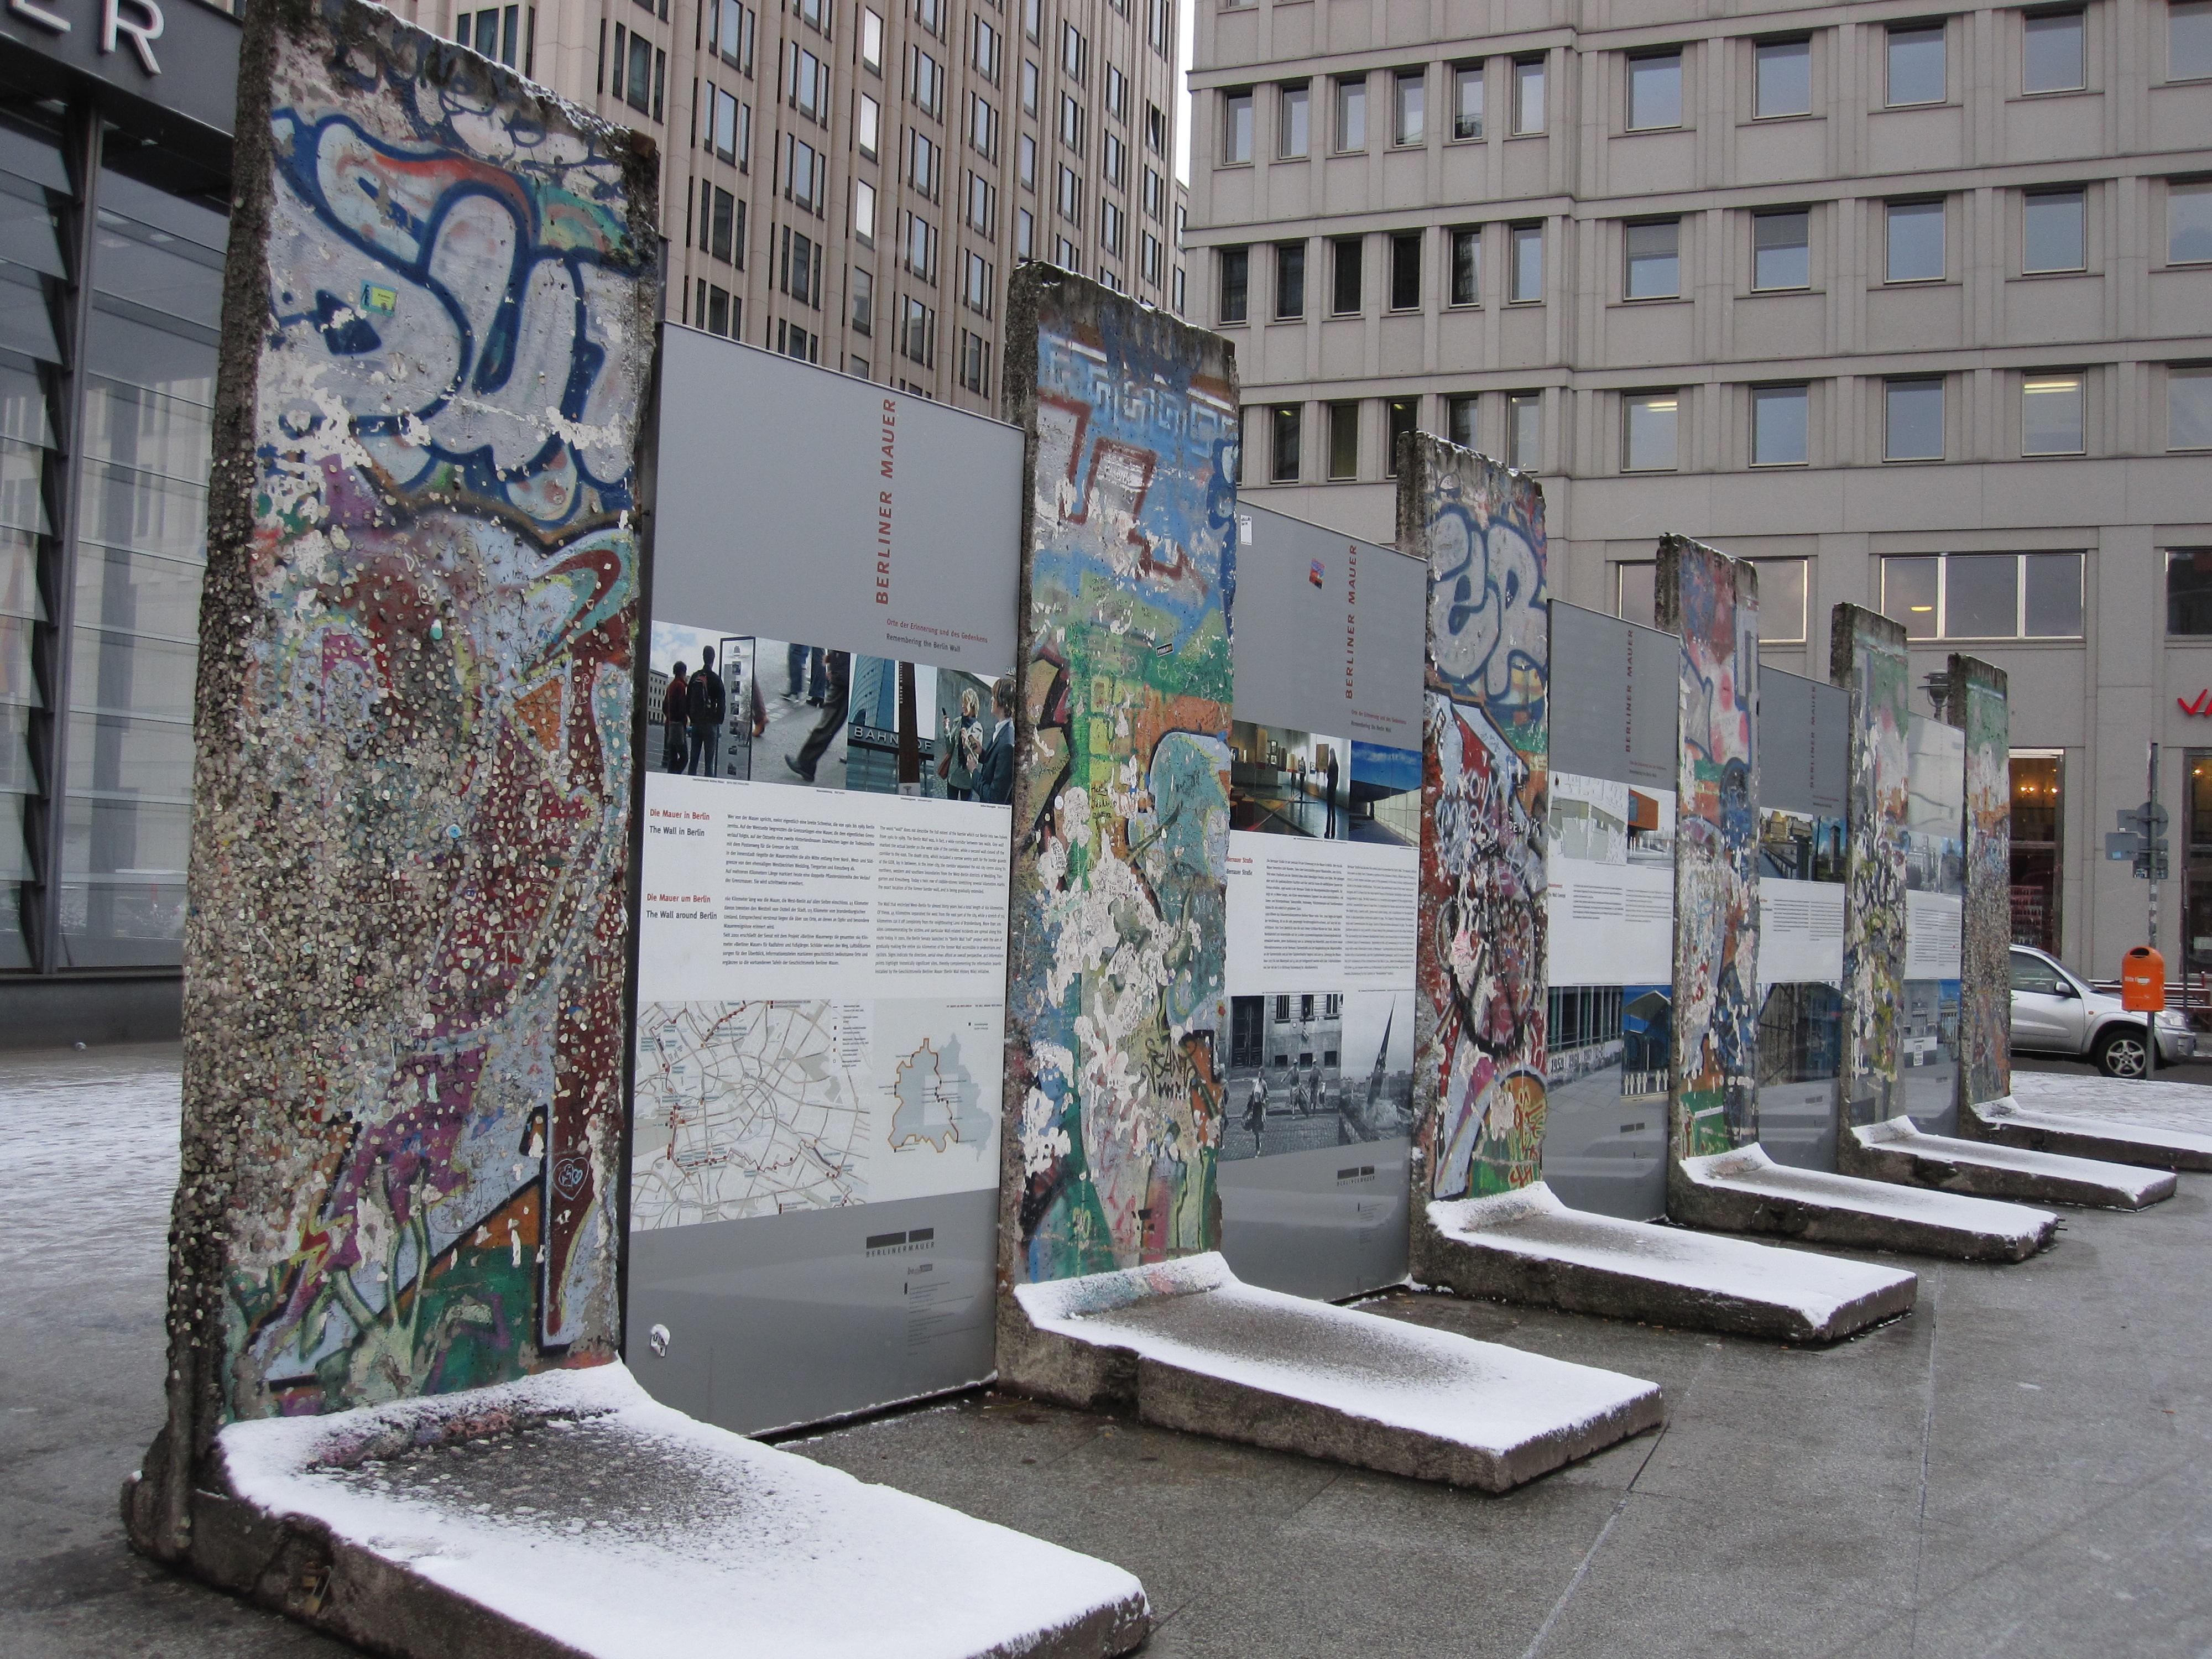 De berlijnse muur reis naar berlijn - Muur van de ingang ...